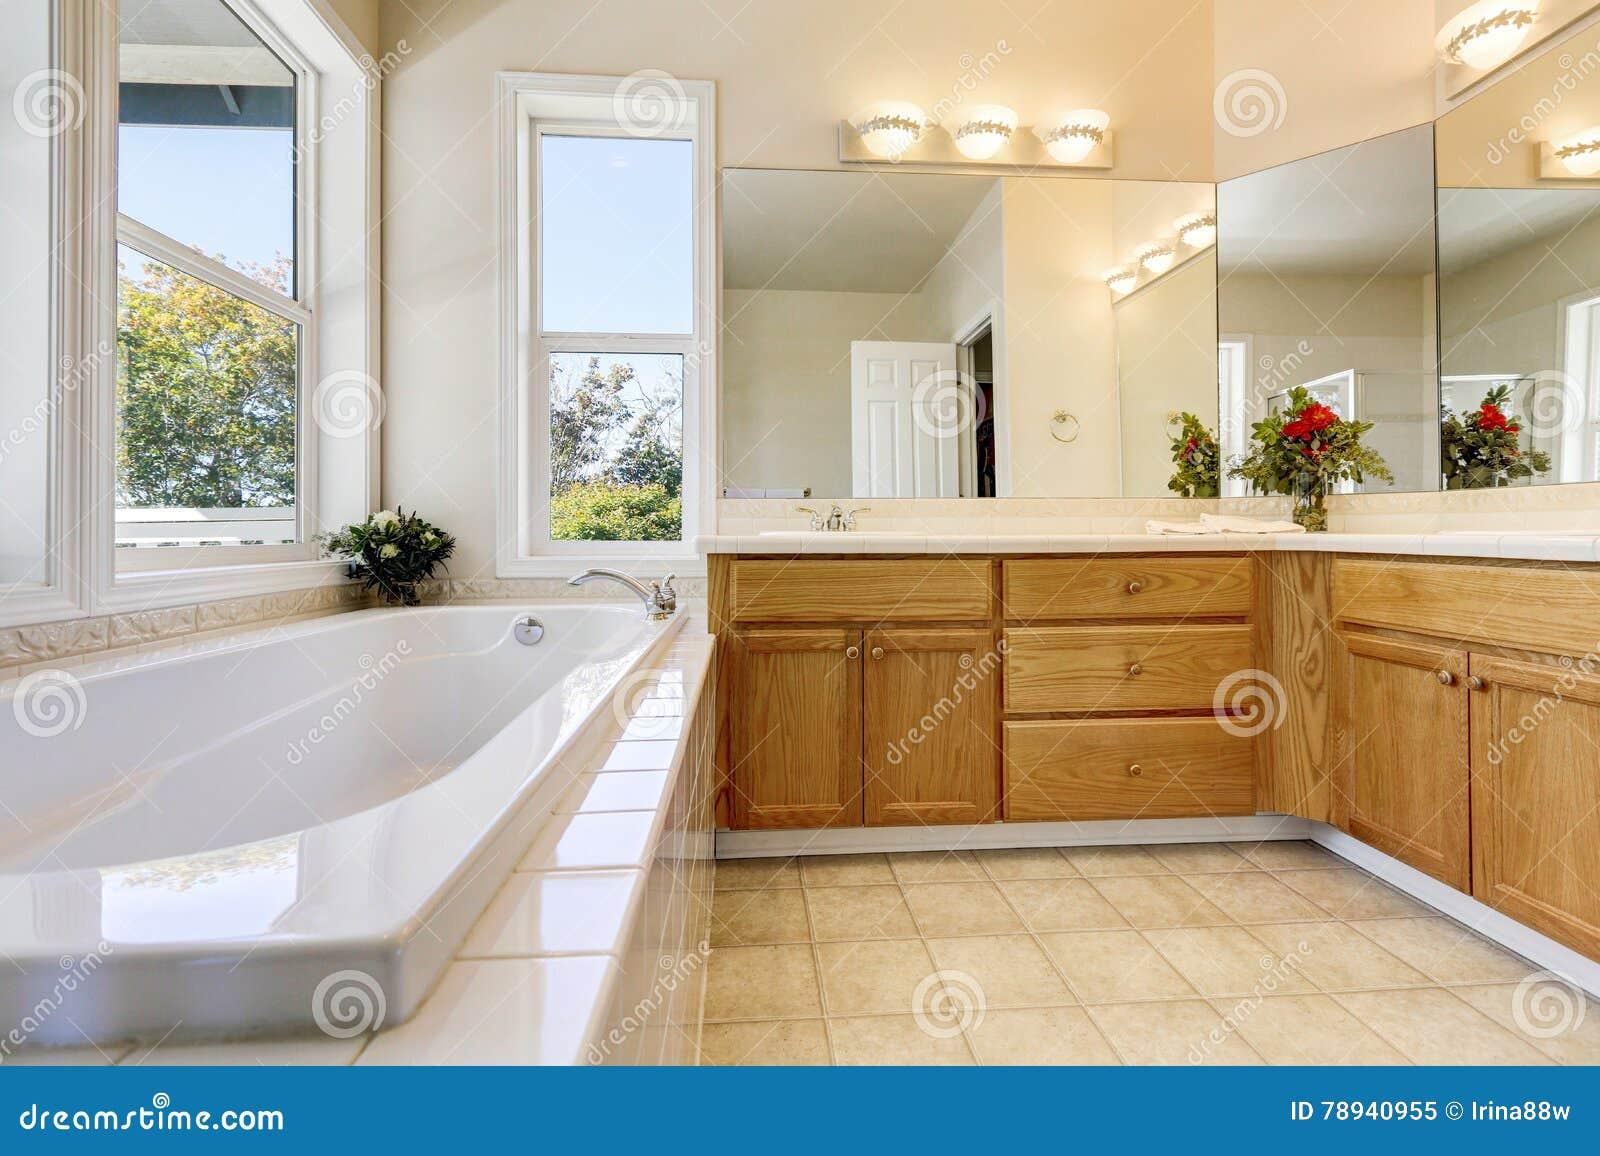 Salle De Bain Avec Bois intérieur de luxe de salle de bains avec les coffrets en